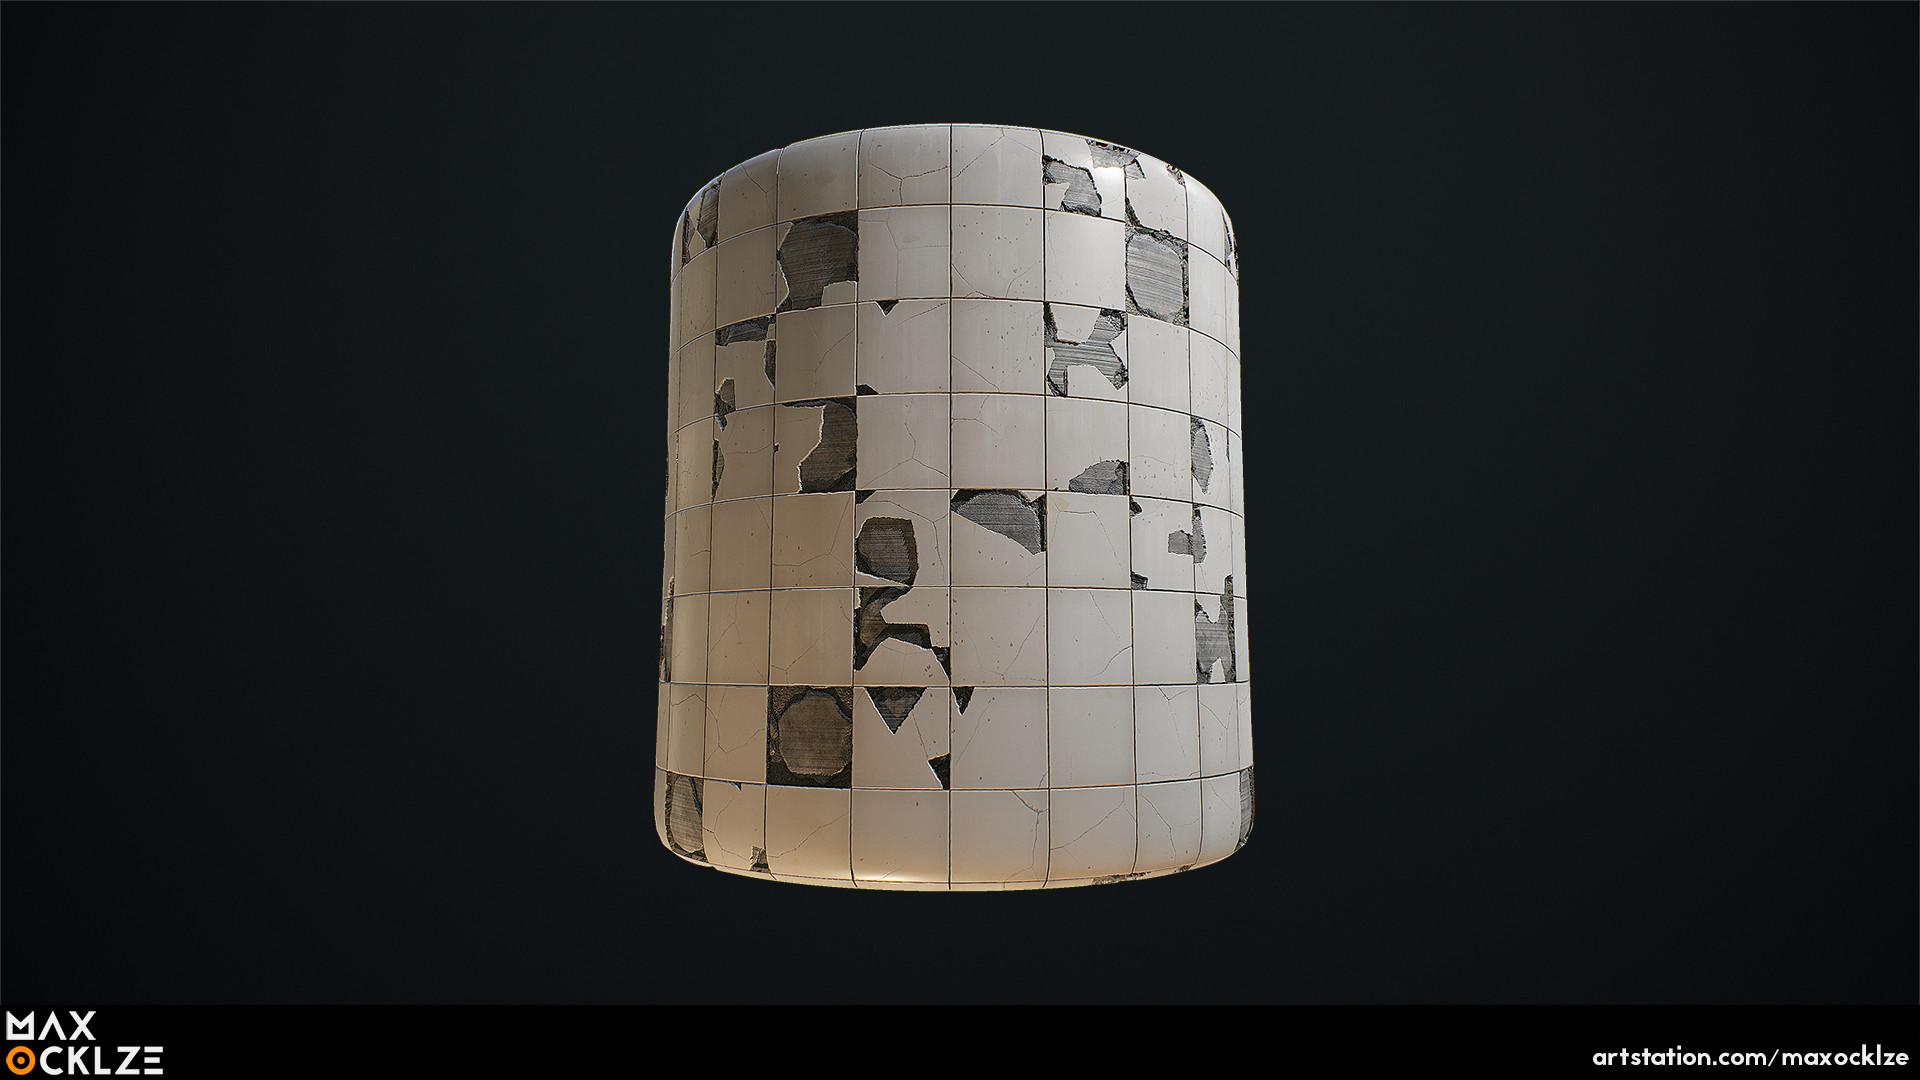 Max ocklze broken tiles 1